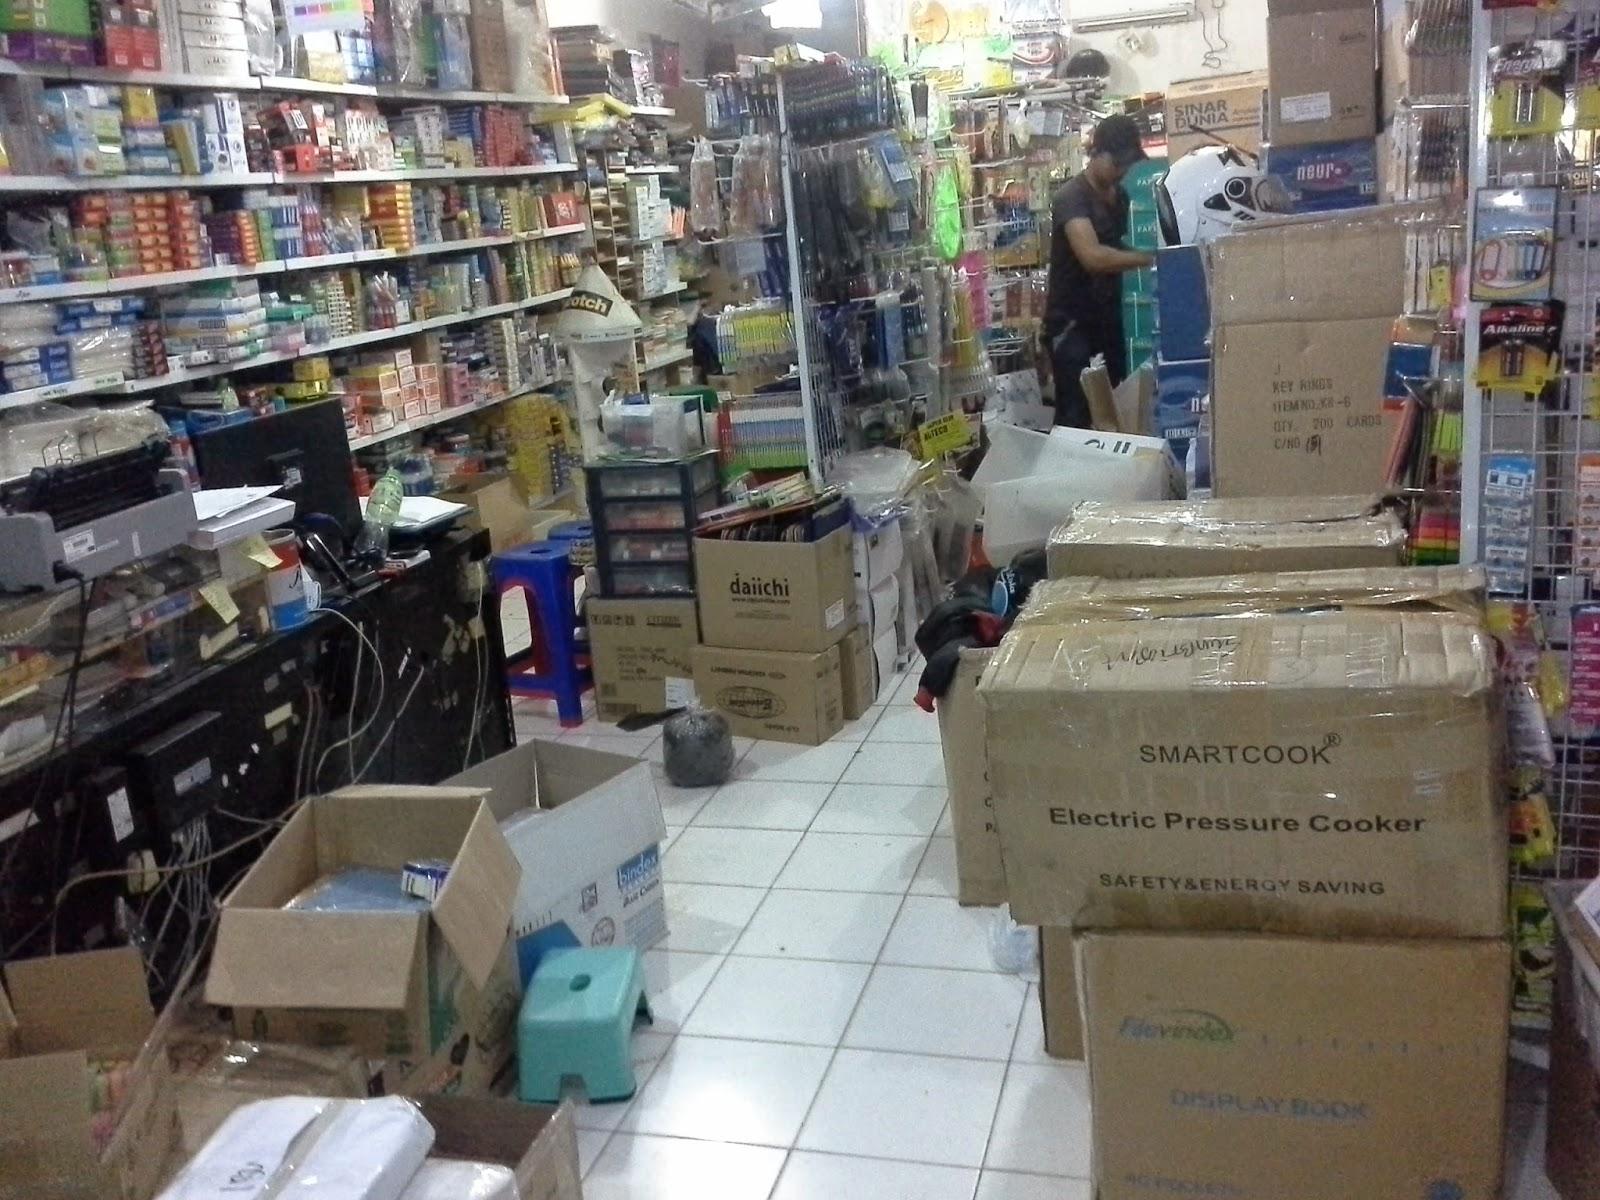 Pusat stationery murah dengan Daftar Harga lengkap www.daftarhargaatk.co.id